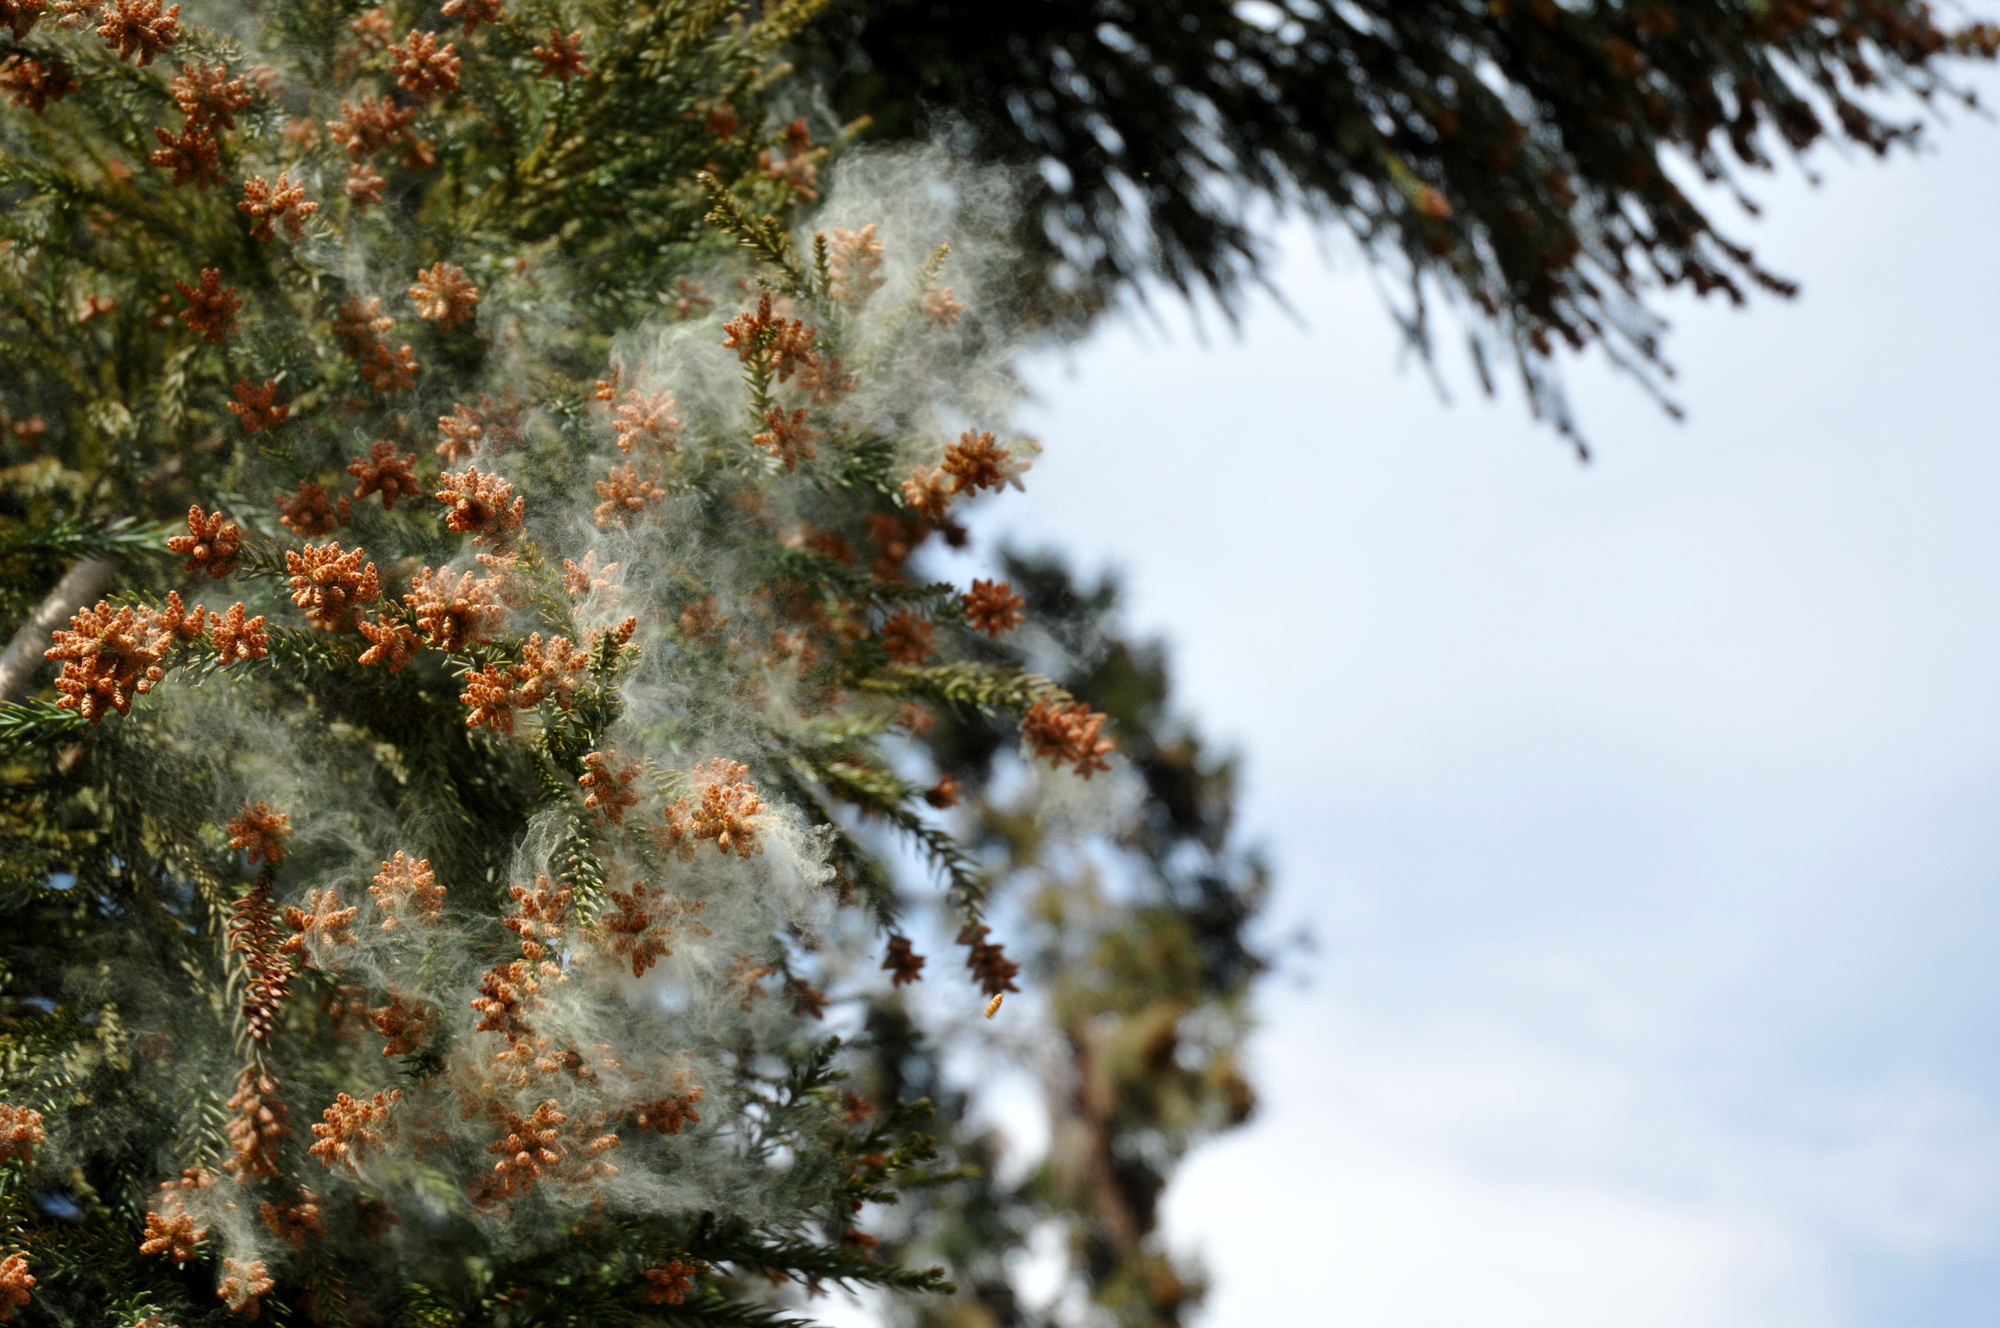 花粉イメージ写真